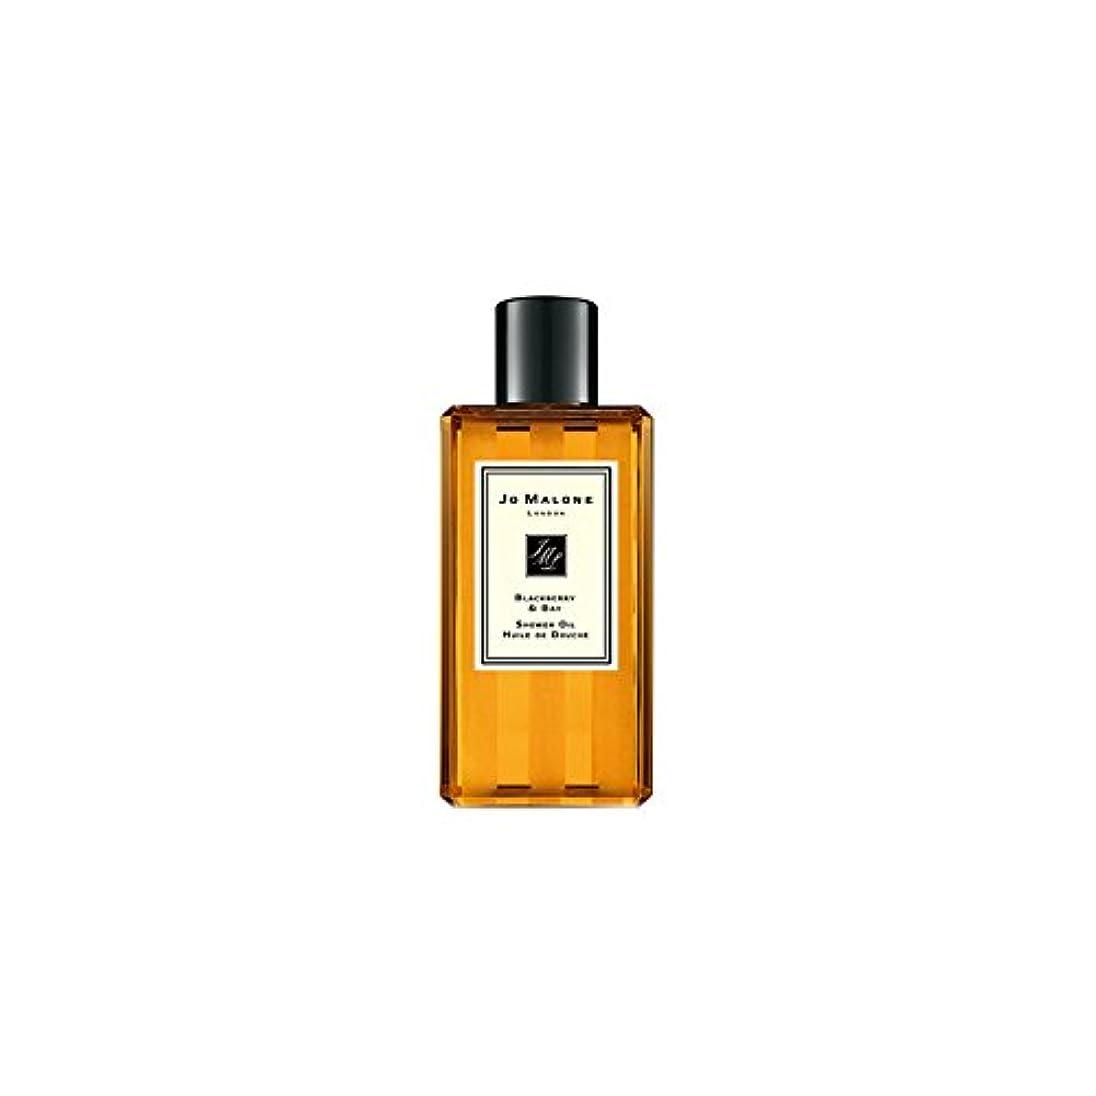 振幅石膏年金Jo Malone Blackberry & Bay Shower Oil - 250ml (Pack of 2) - ジョーマローンブラックベリー&ベイシャワーオイル - 250ミリリットル (x2) [並行輸入品]